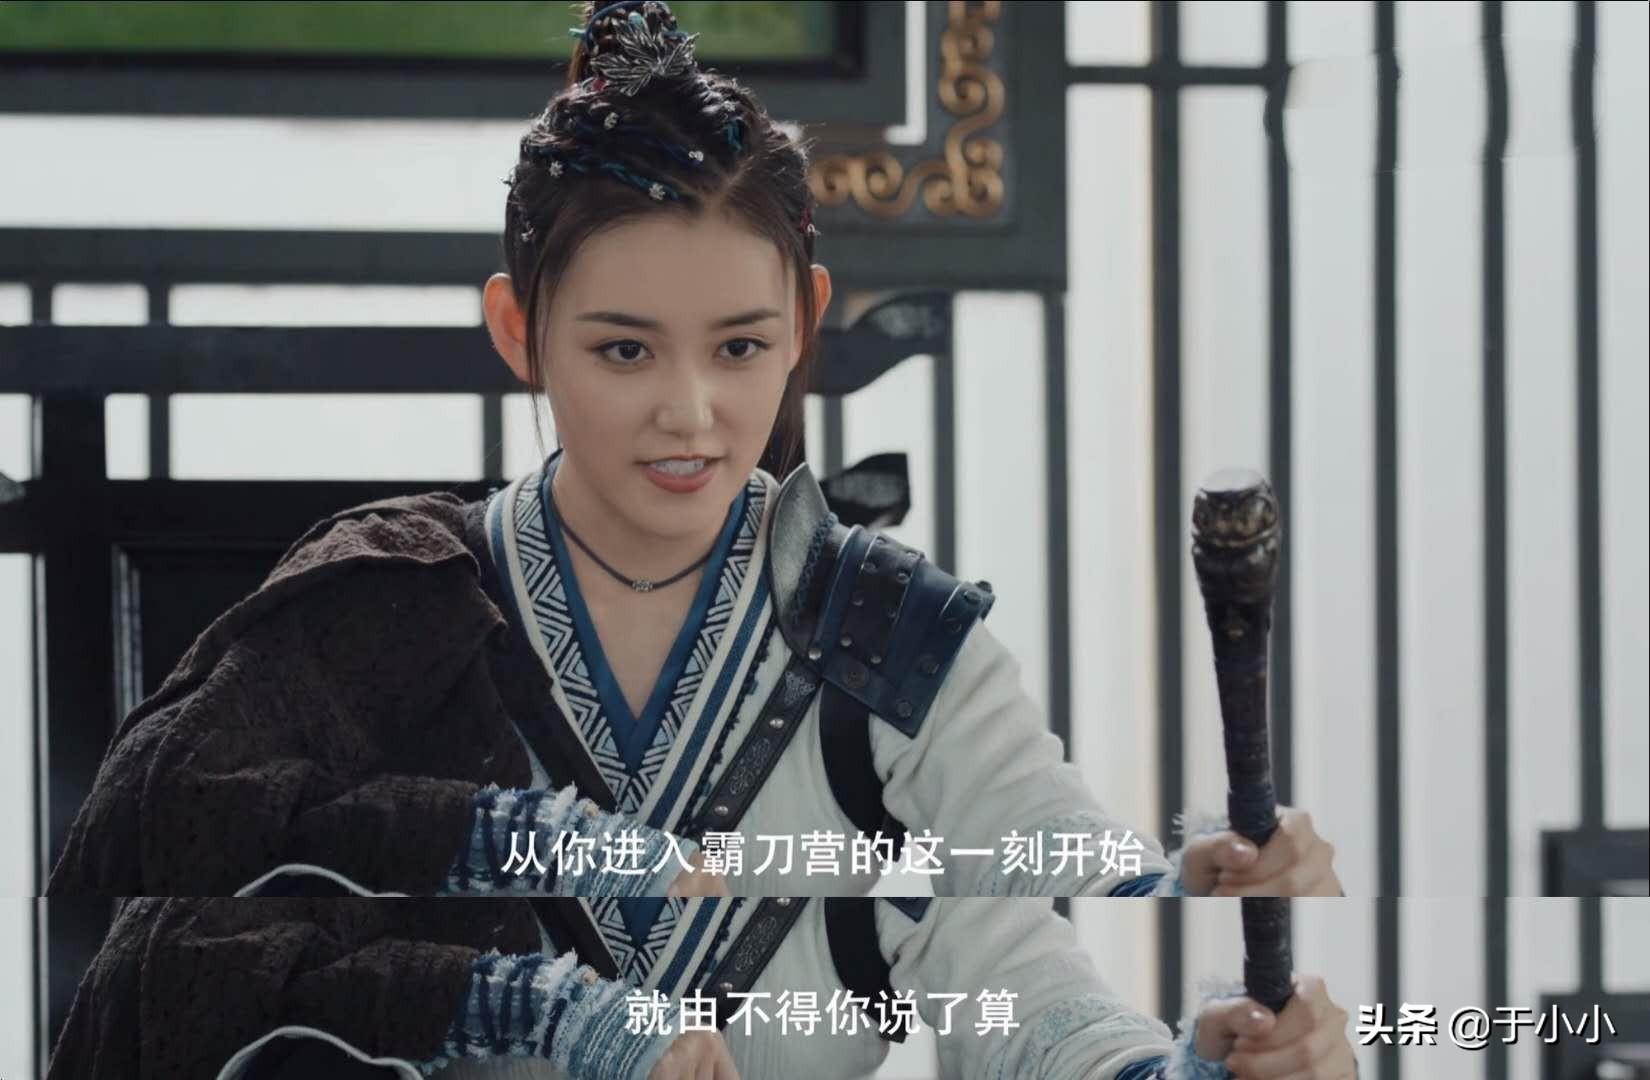 赘婿:刘西瓜酷是装的、油腻是真的?我们都误会她了